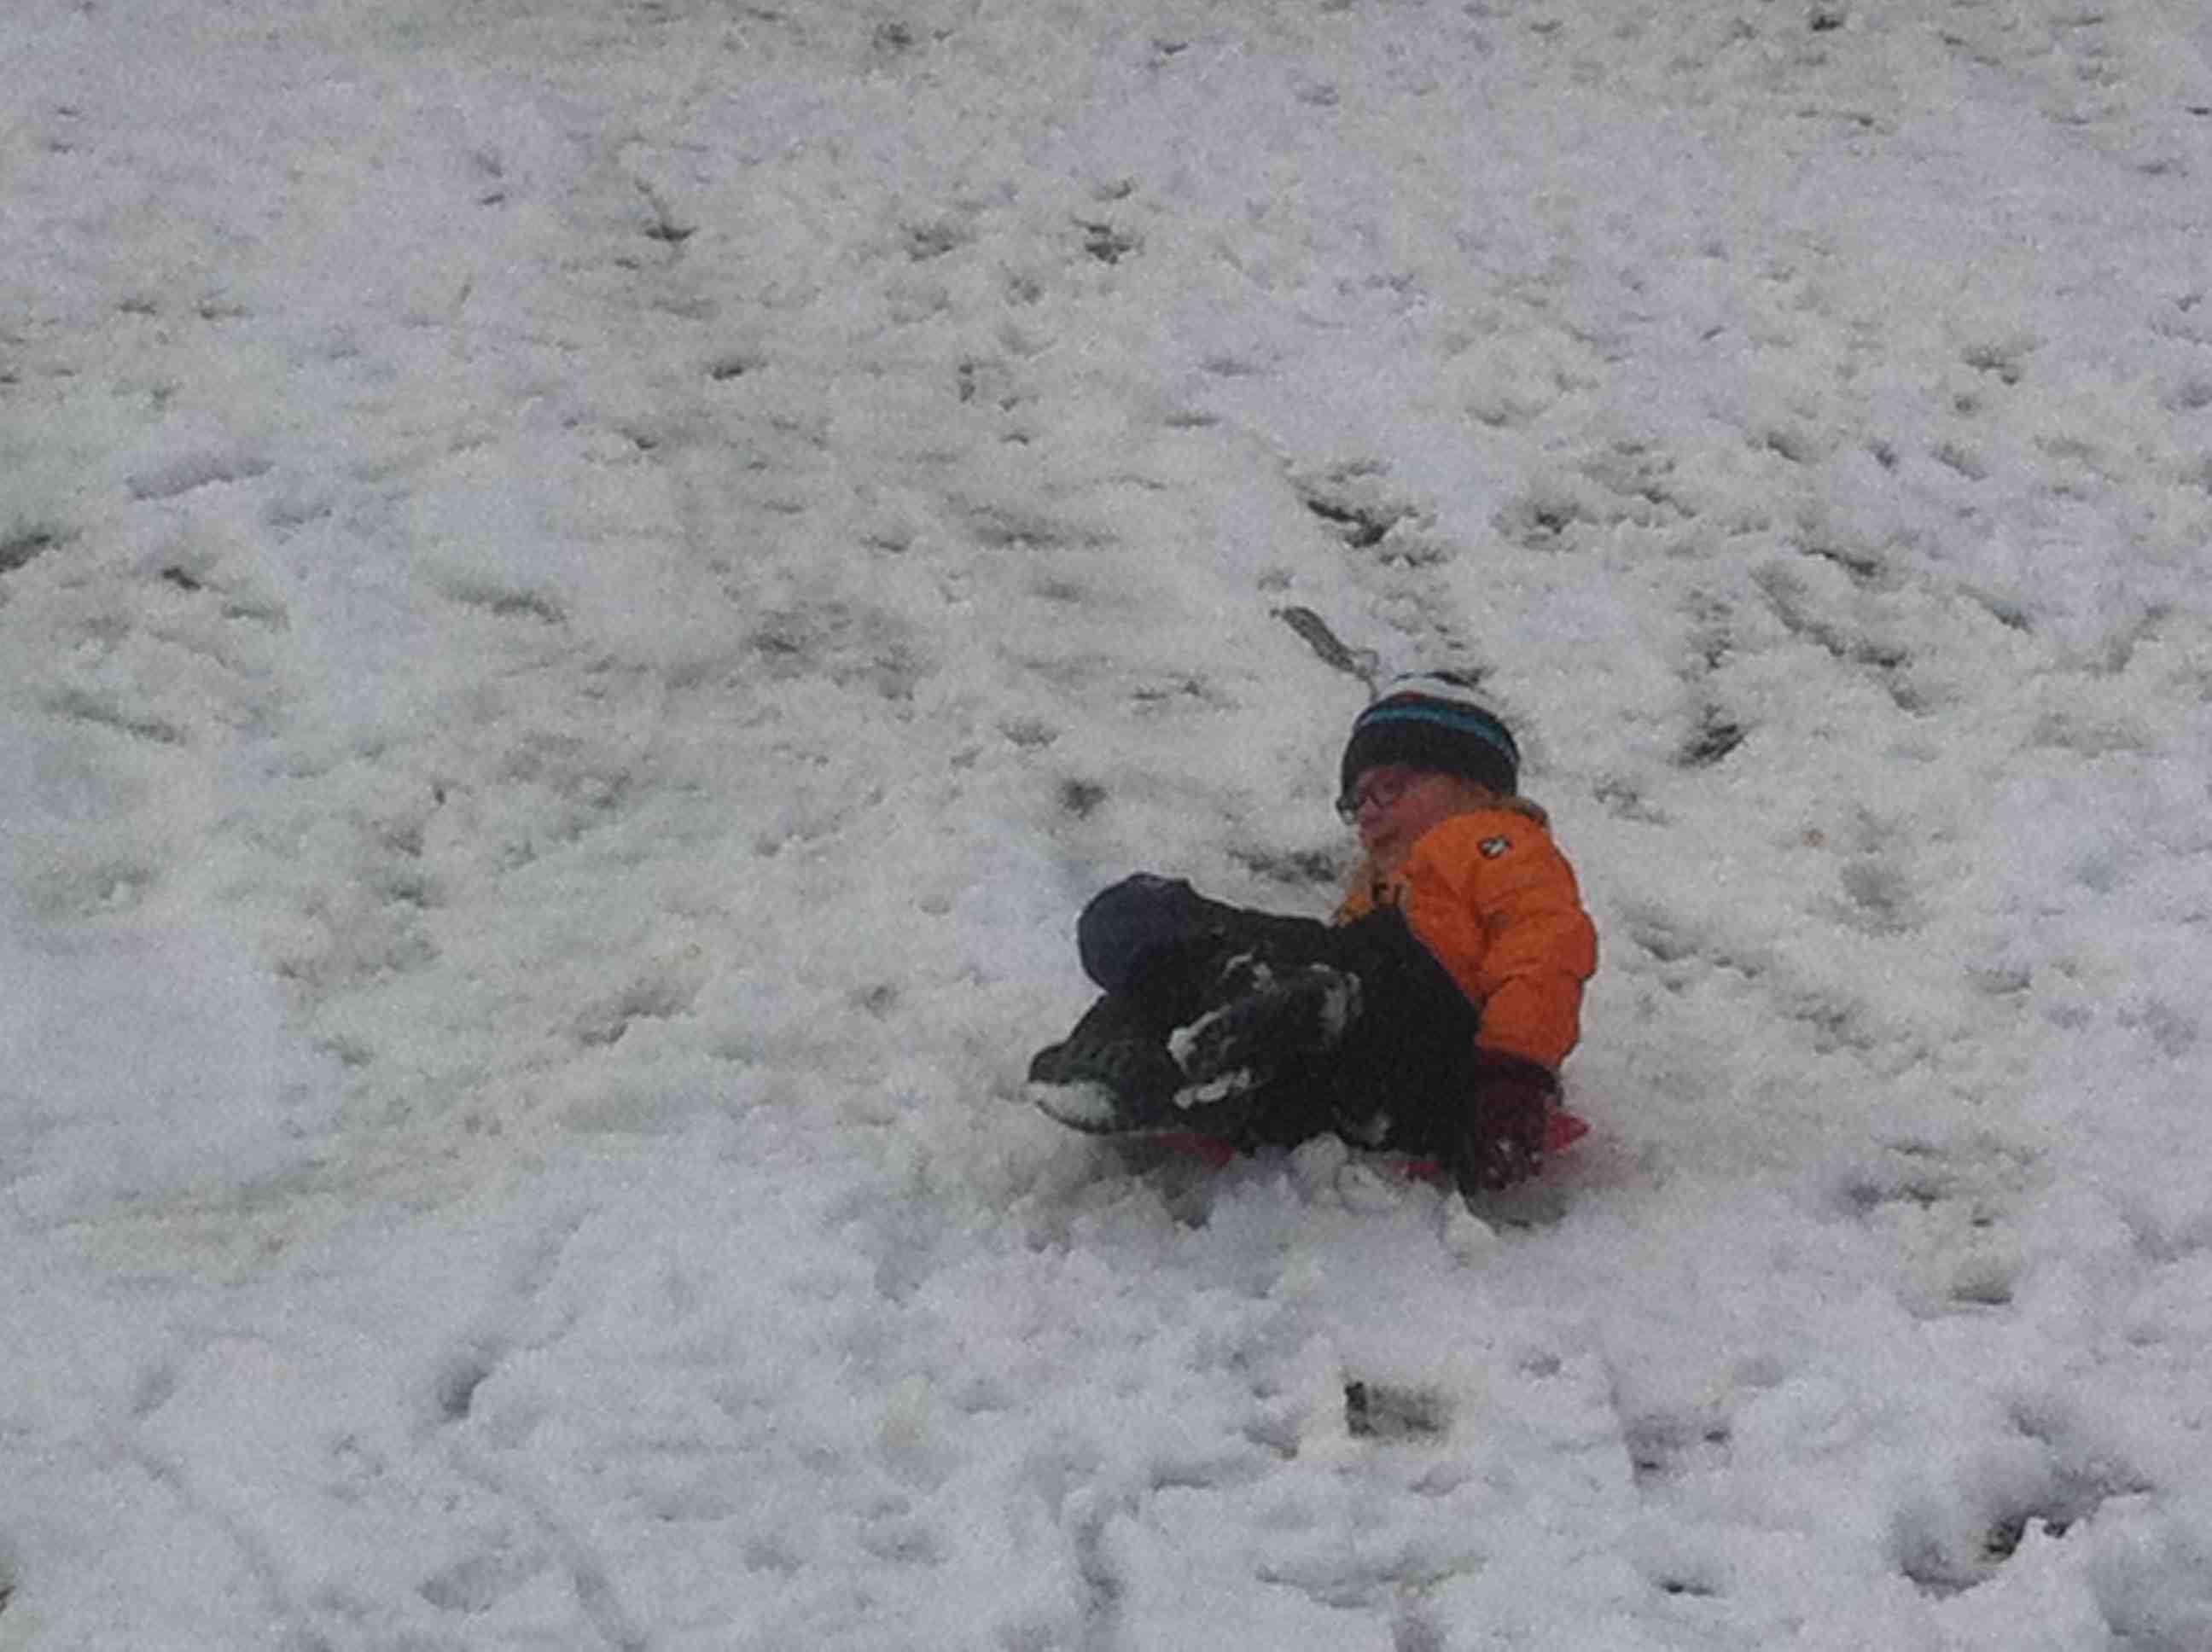 Schwer zu steuern und dazu ein nasses Hinterteil: Der Poprutscher überzeugte weder Bärli noch seine Testpilotin.  Foto: (c) Kinderoutdoor.de